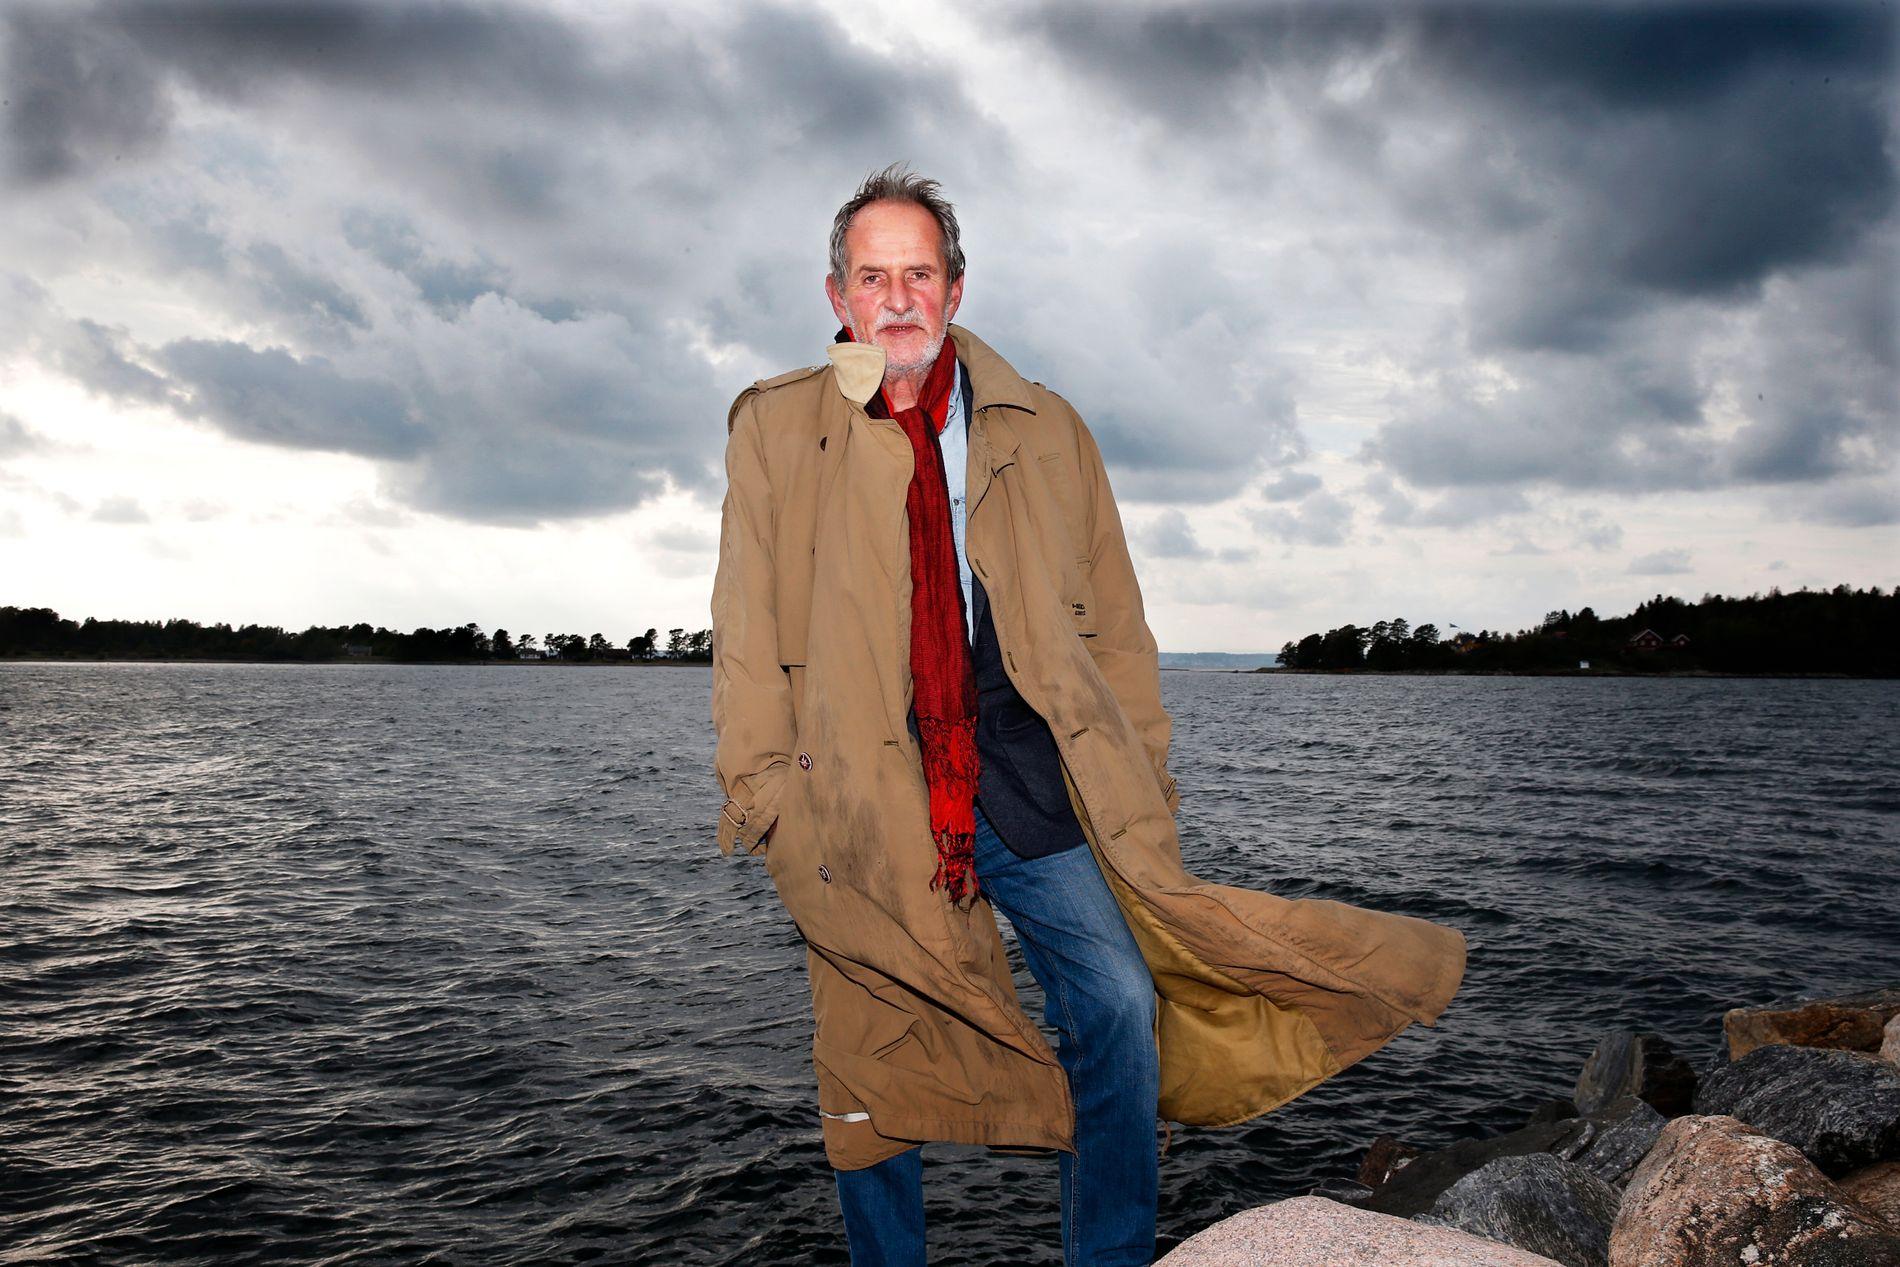 DØD: Forfatter Jon Michelet, her på Larkollen i forbindelse med lanseringen av tredje bok om skogsmatrosen Skramstad, døde lørdag.